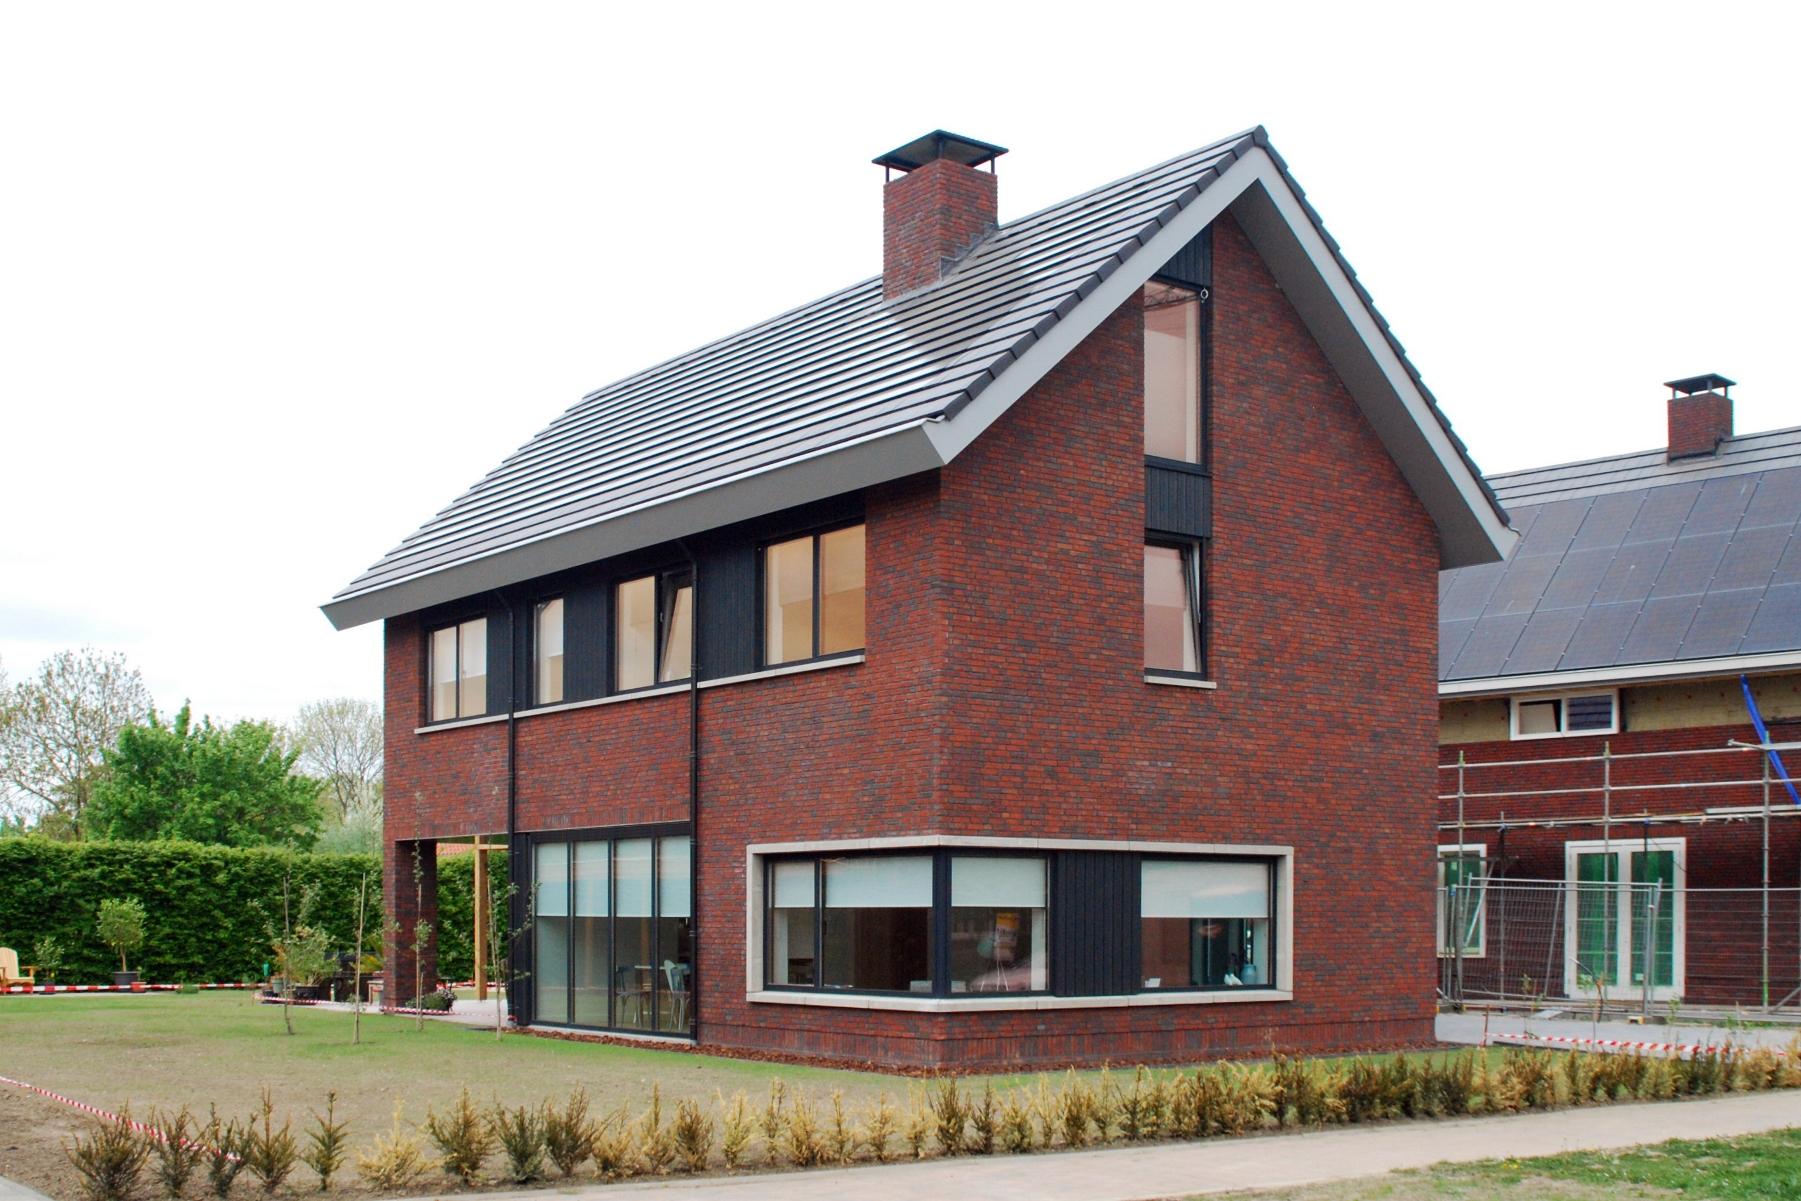 Ravelijn_0164